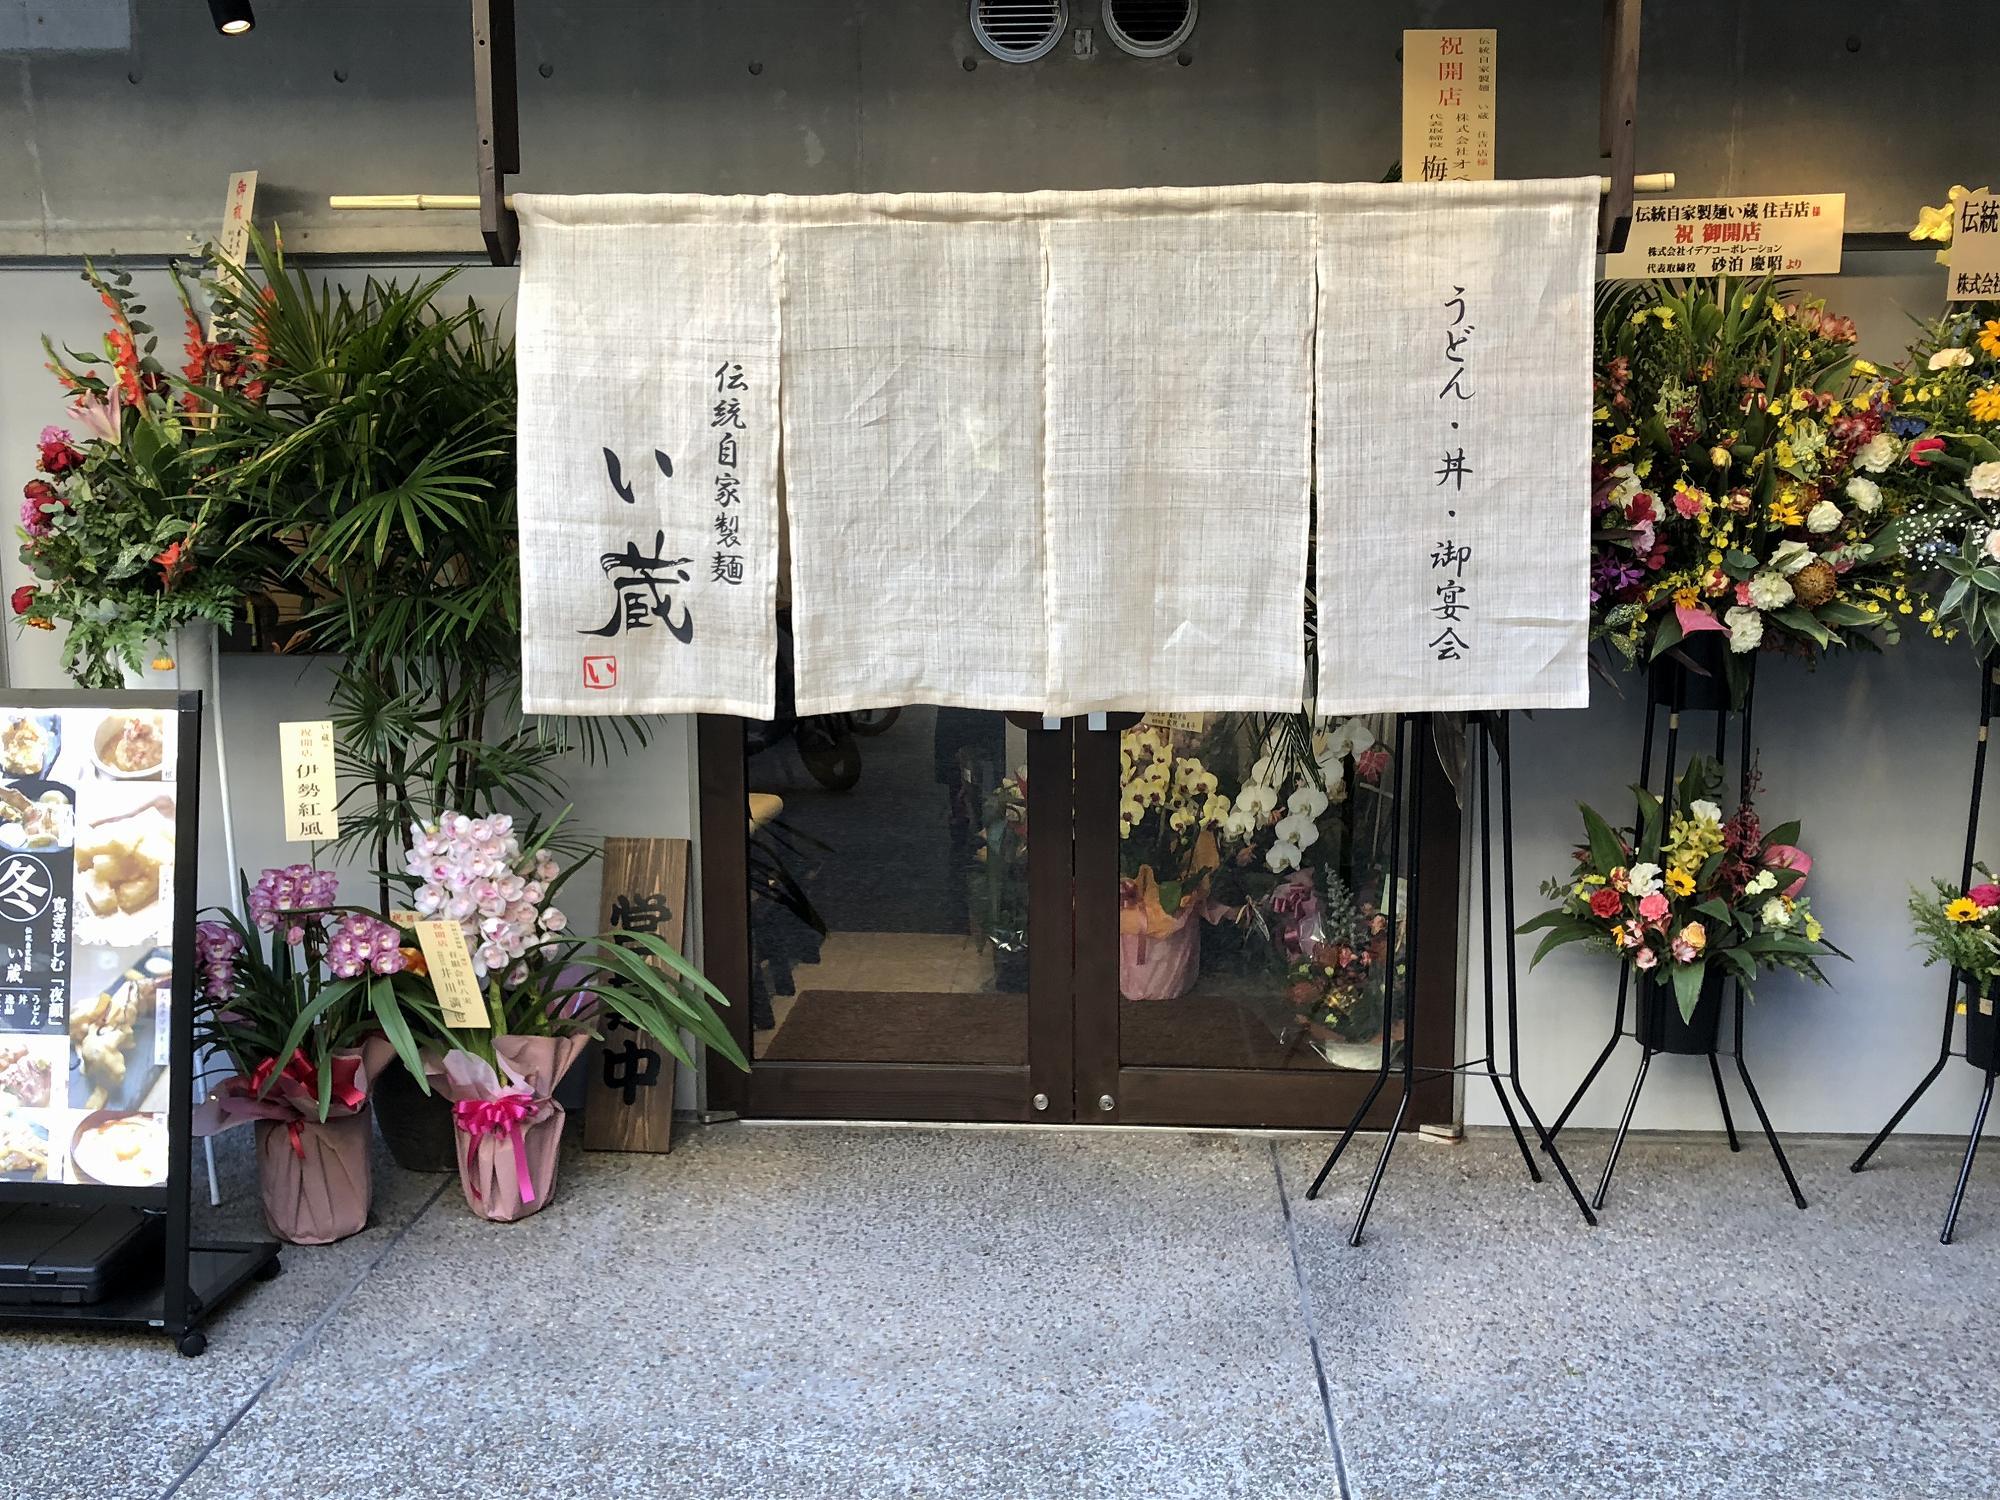 神戸・JR住吉駅北側に12/9、うどん屋「伝統自家製麺い蔵 住吉店」がオープンしたので行ってみた! #新規オープン #JR住吉 #い蔵